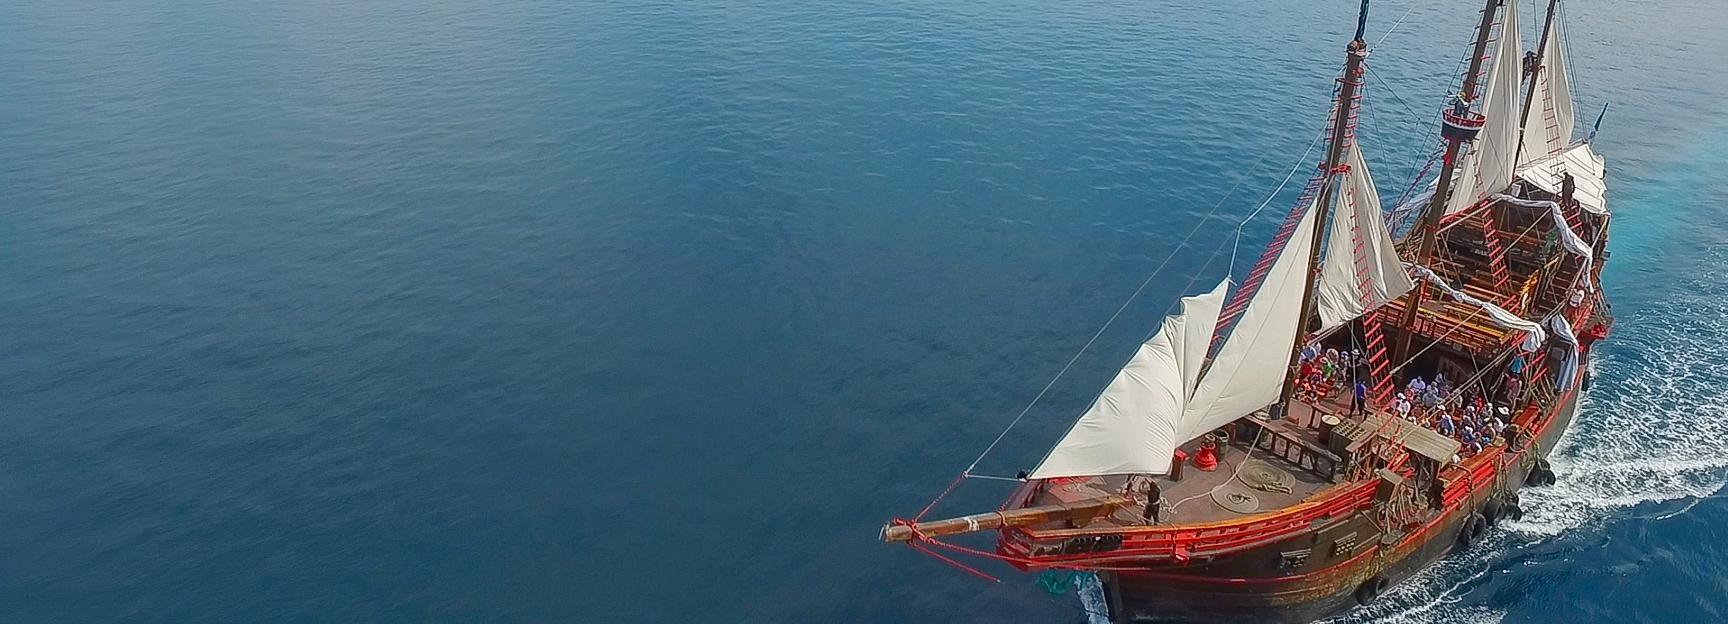 Puerto Vallarta: Buccaneer Snorkel Adventure Tour